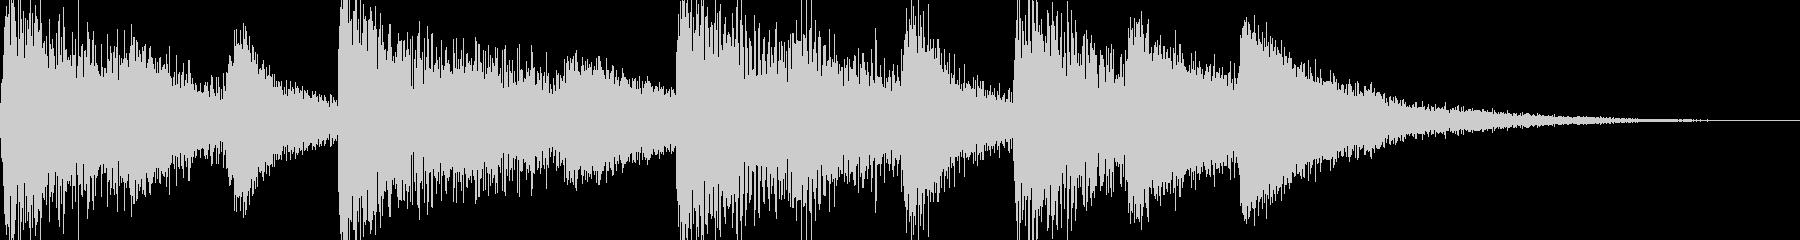 シンプルなジングル【ピアノ】その9です。の未再生の波形